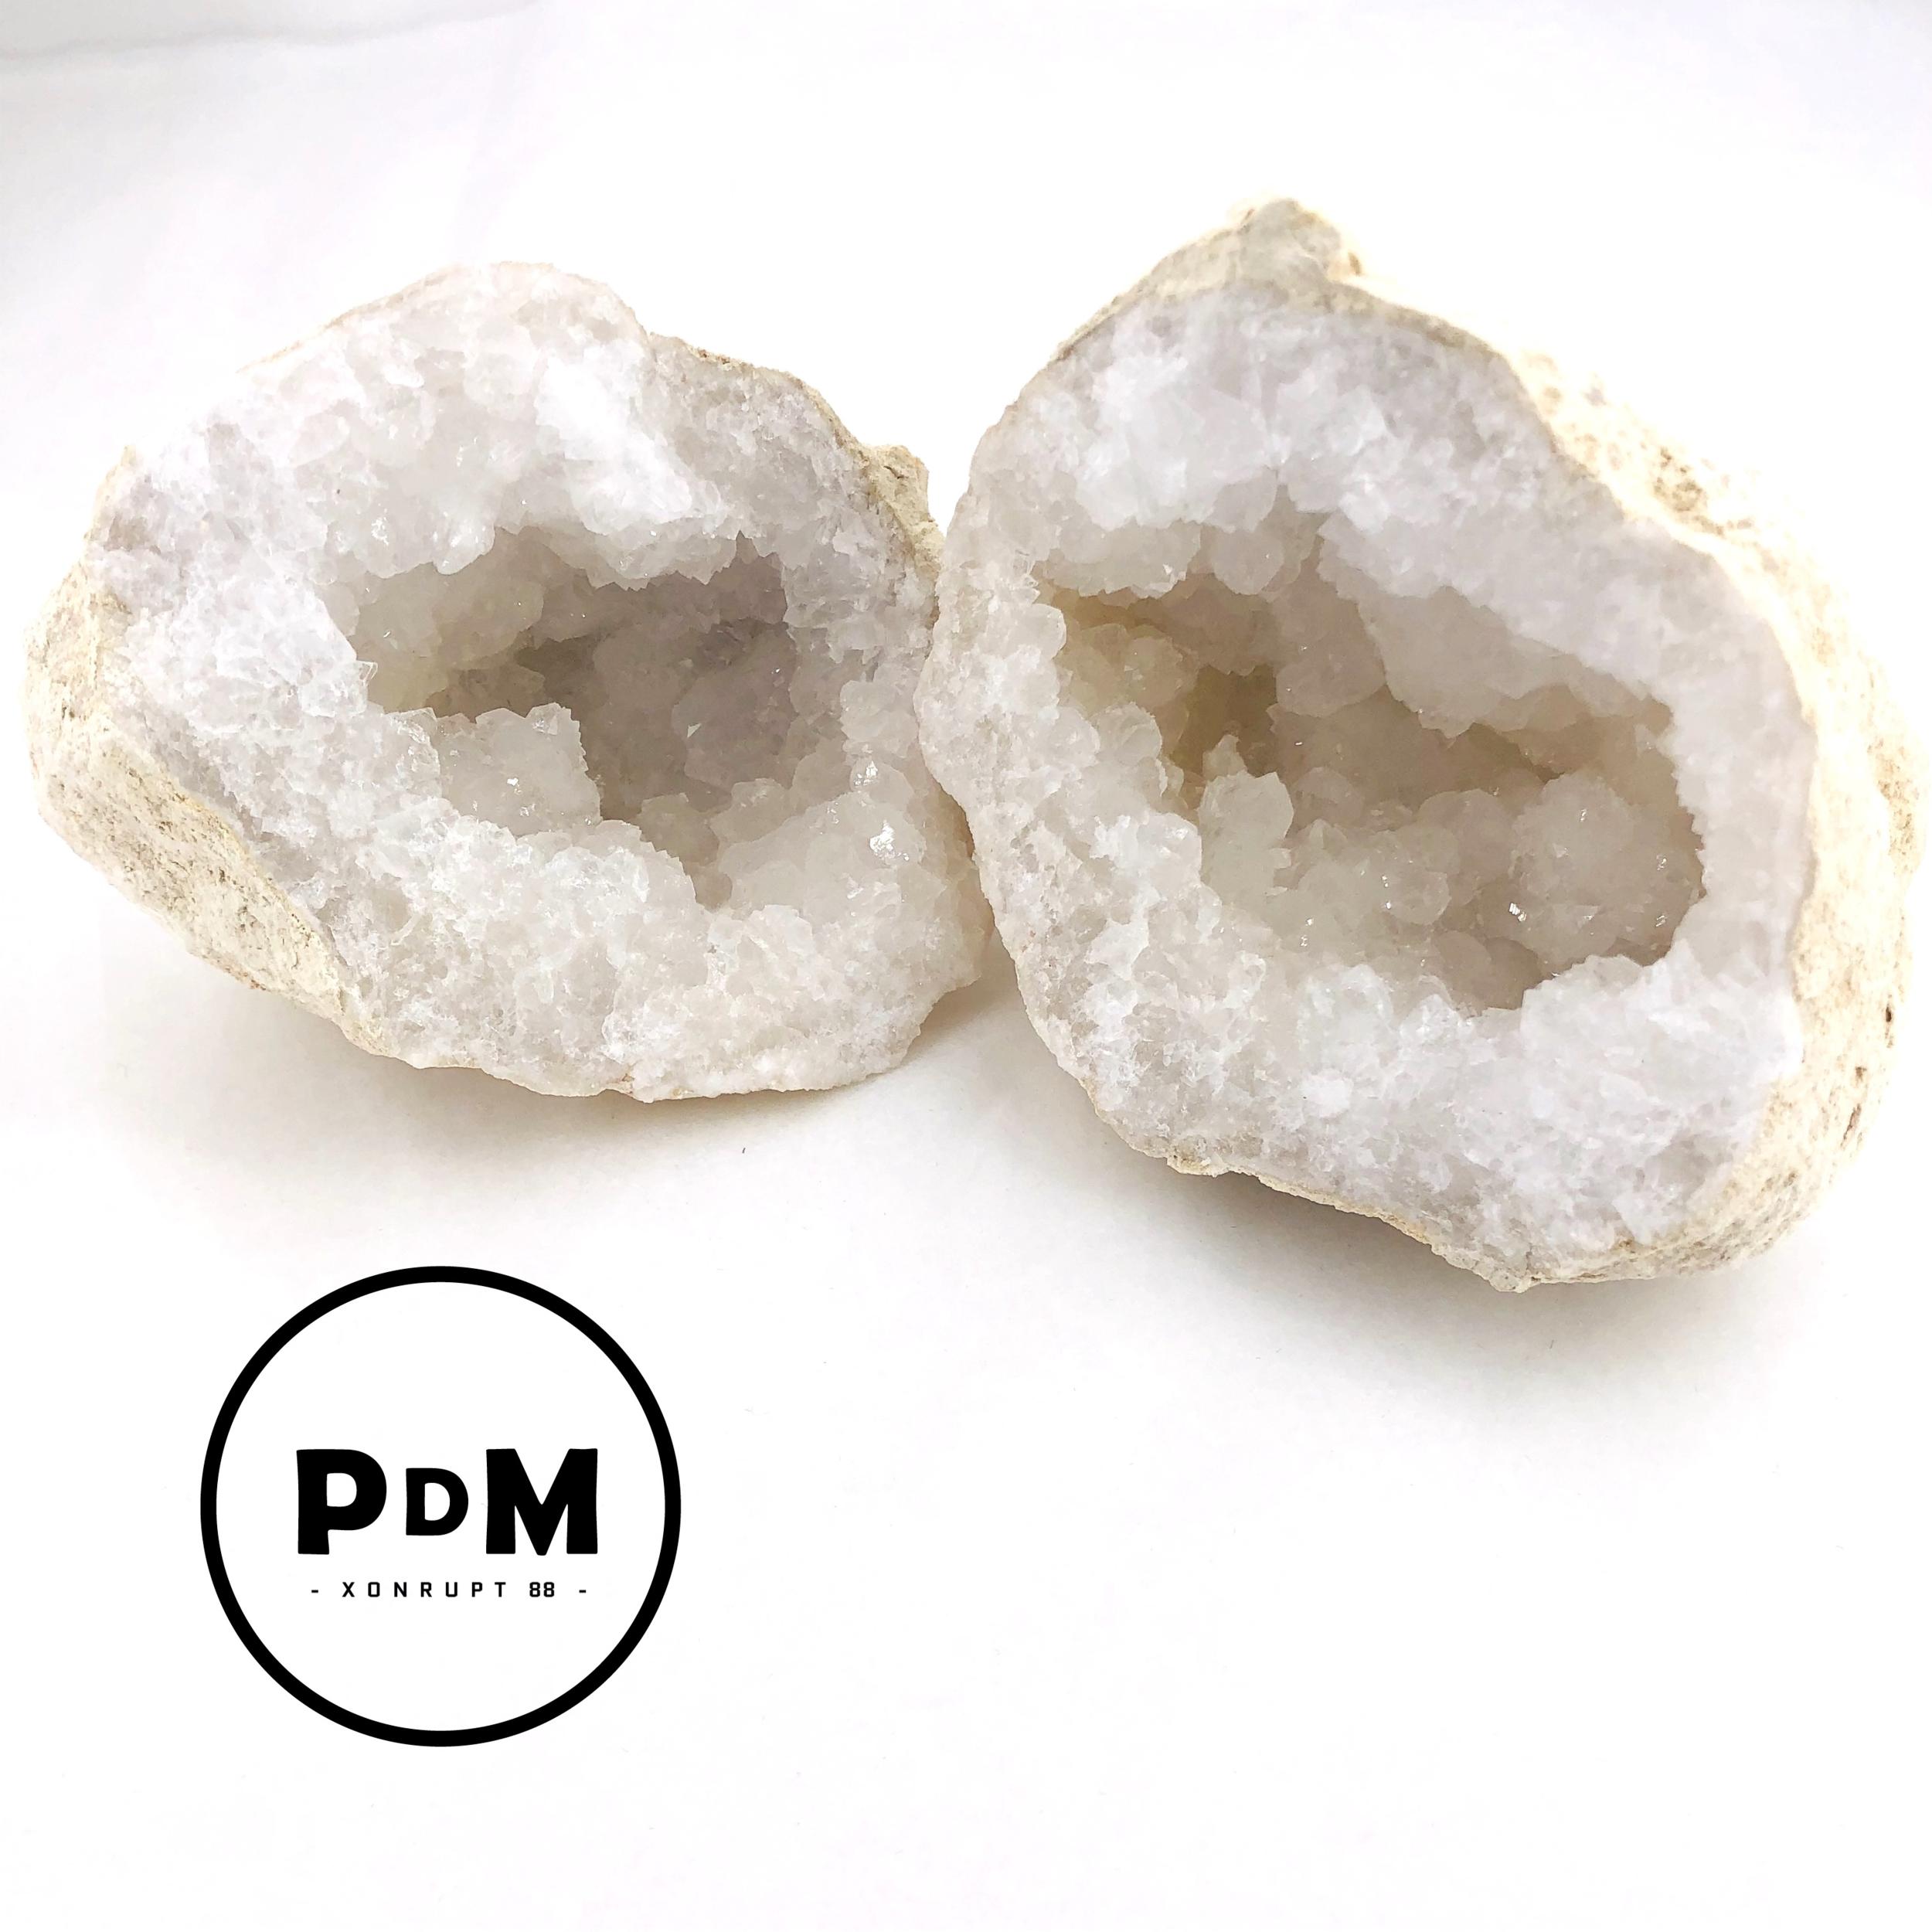 Géode en pierre naturelle de quartz de taille moyenne (environ 11cm de diamètre)